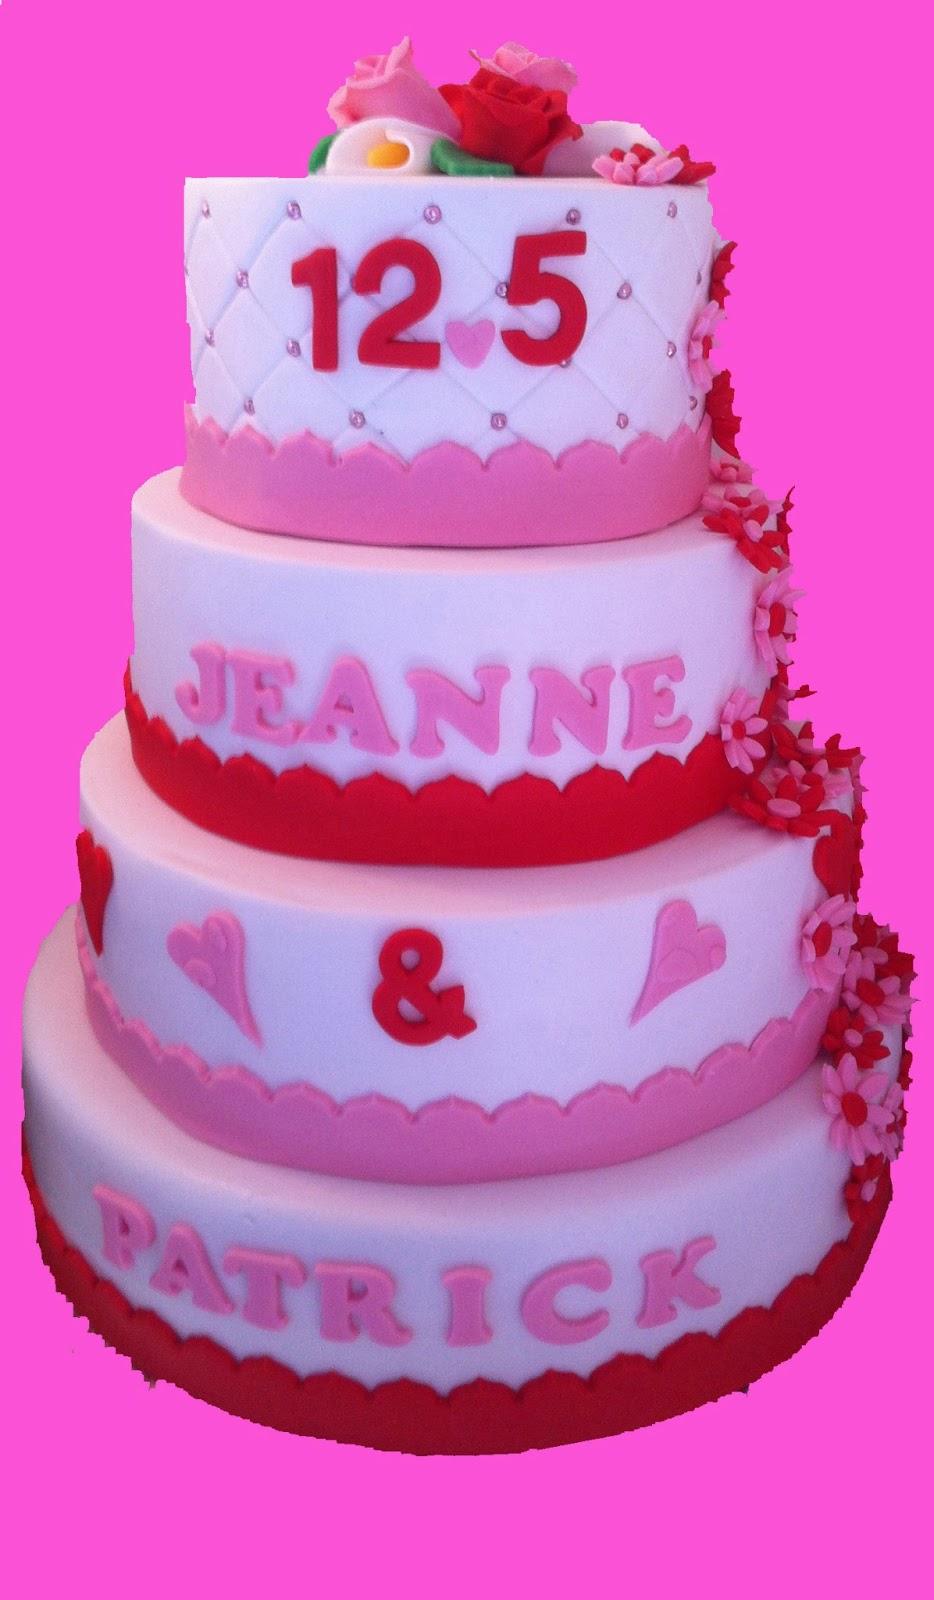 12 5 jaar getrouwd taart Juffrouw Taart: 12.5 jaar getrouwd 12 5 jaar getrouwd taart